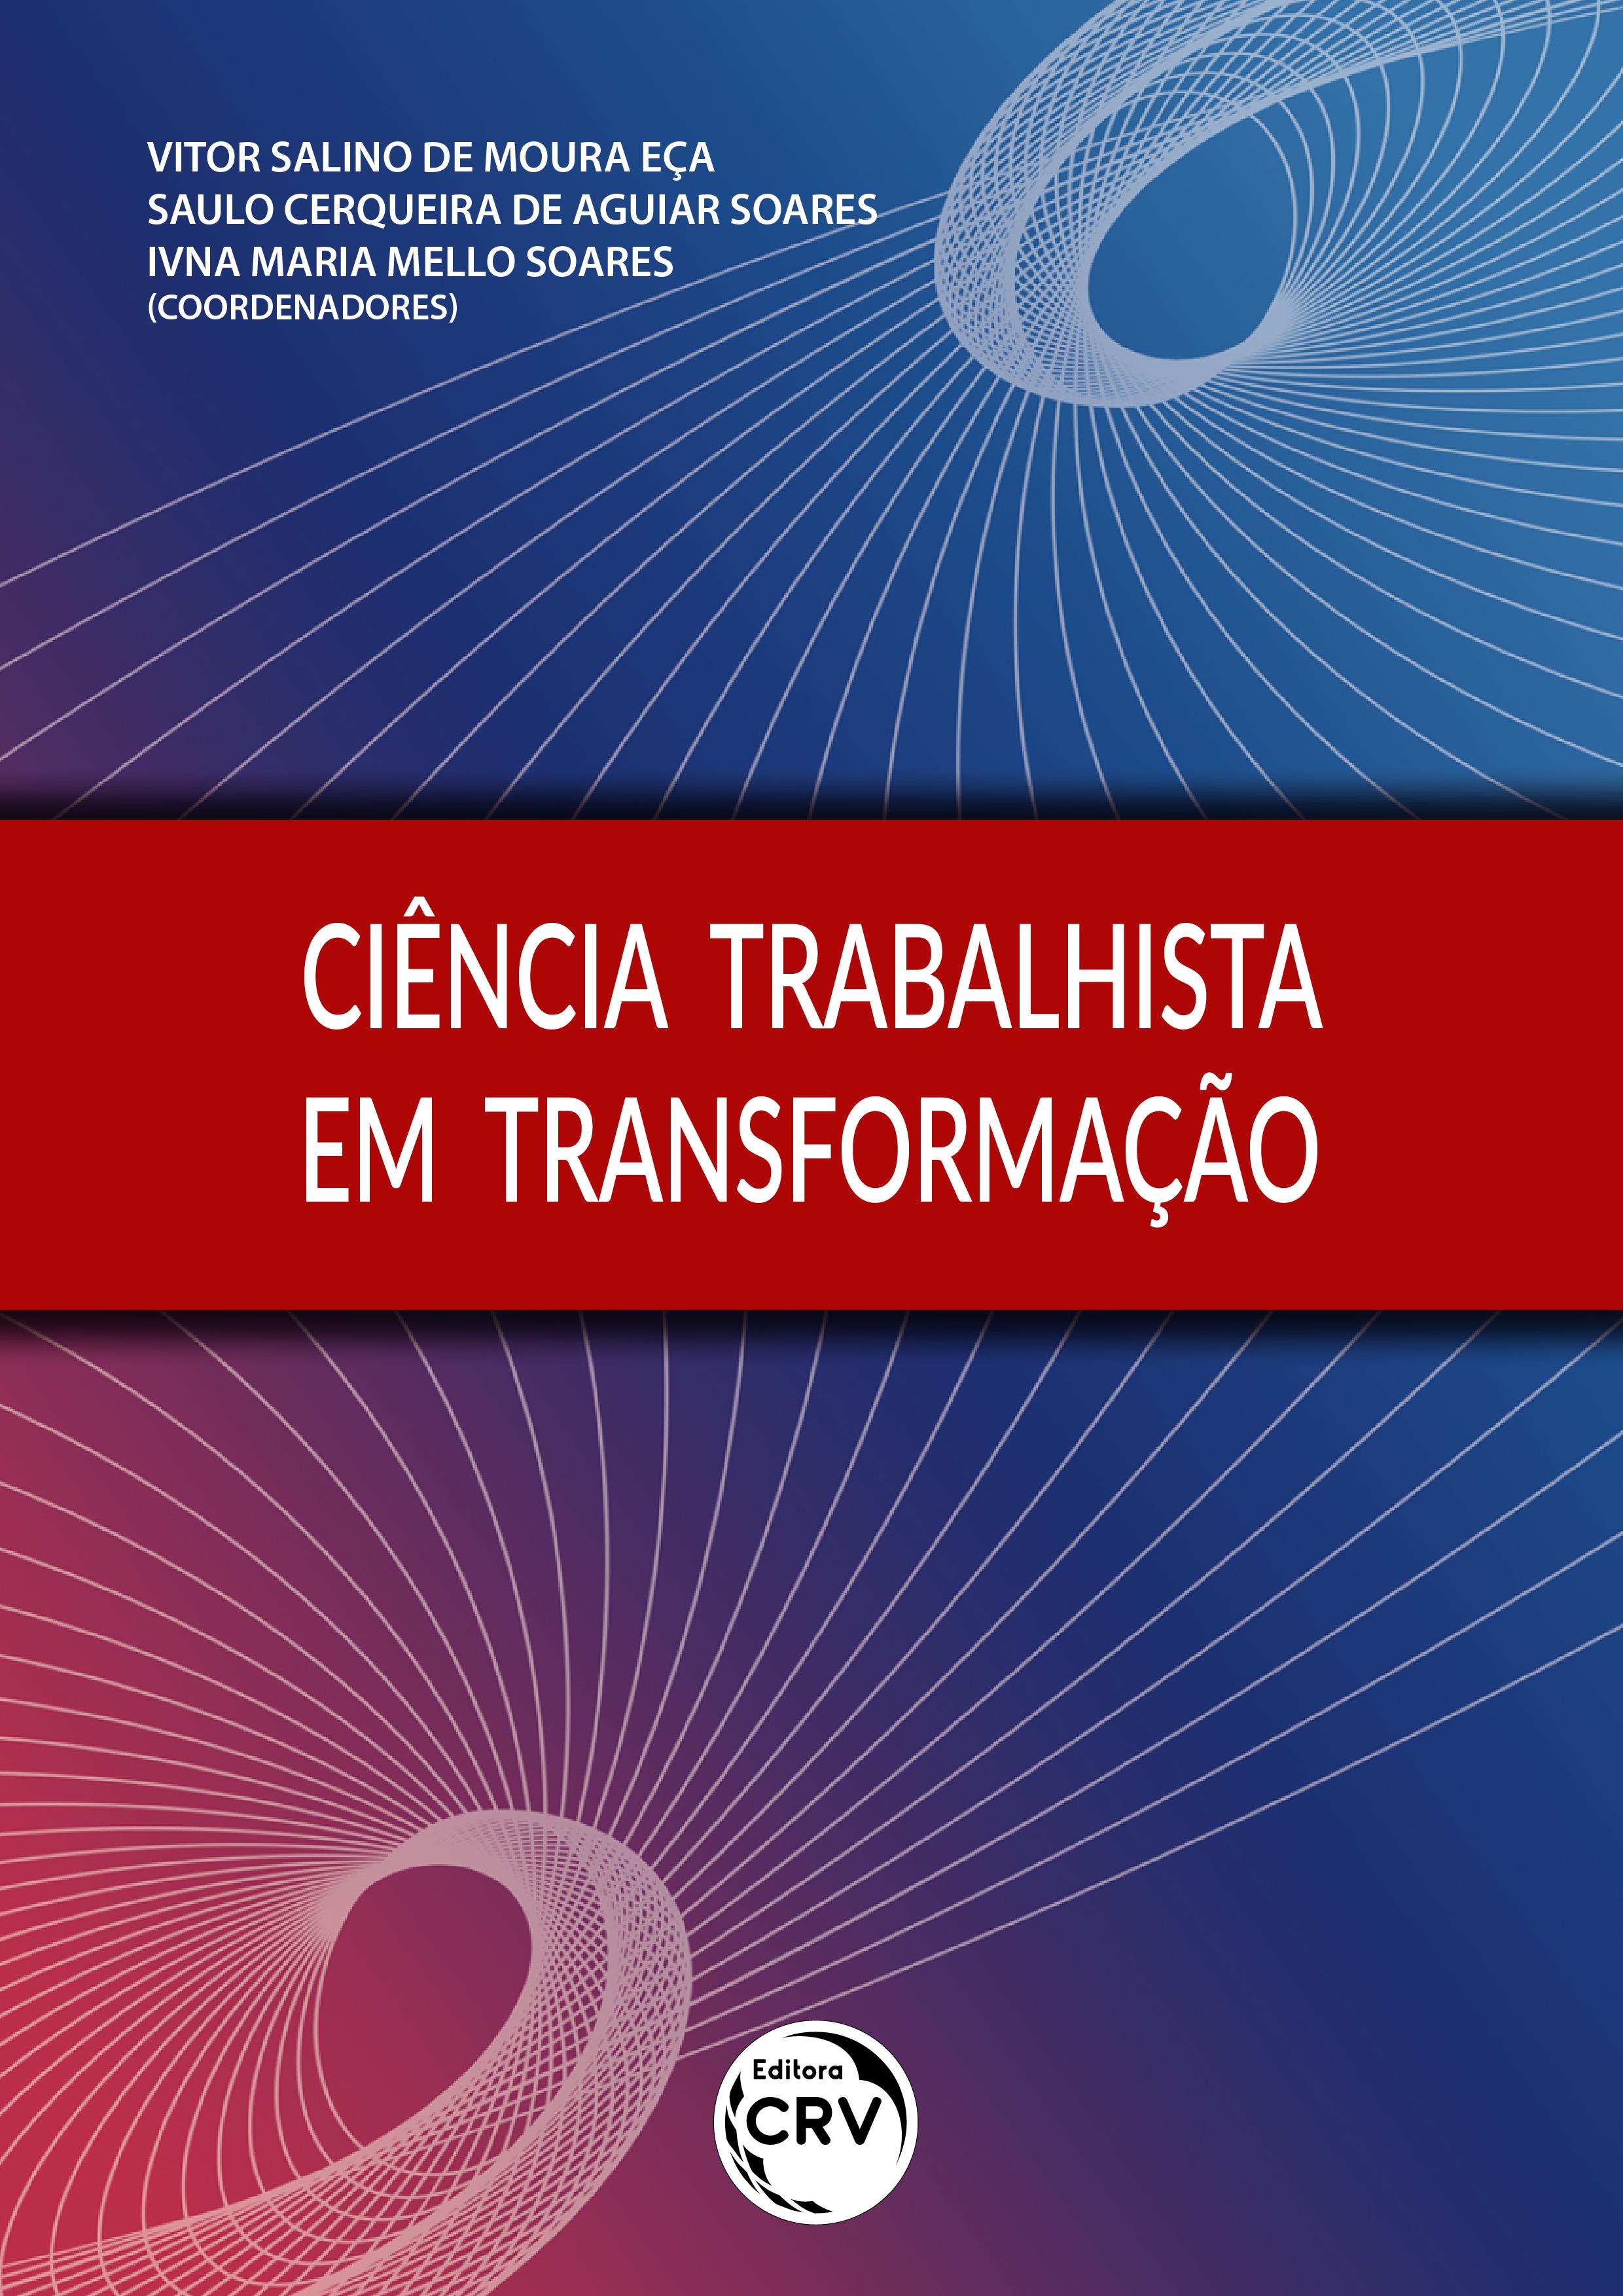 Capa do livro: CIÊNCIA TRABALHISTA EM TRANSFORMAÇÃO